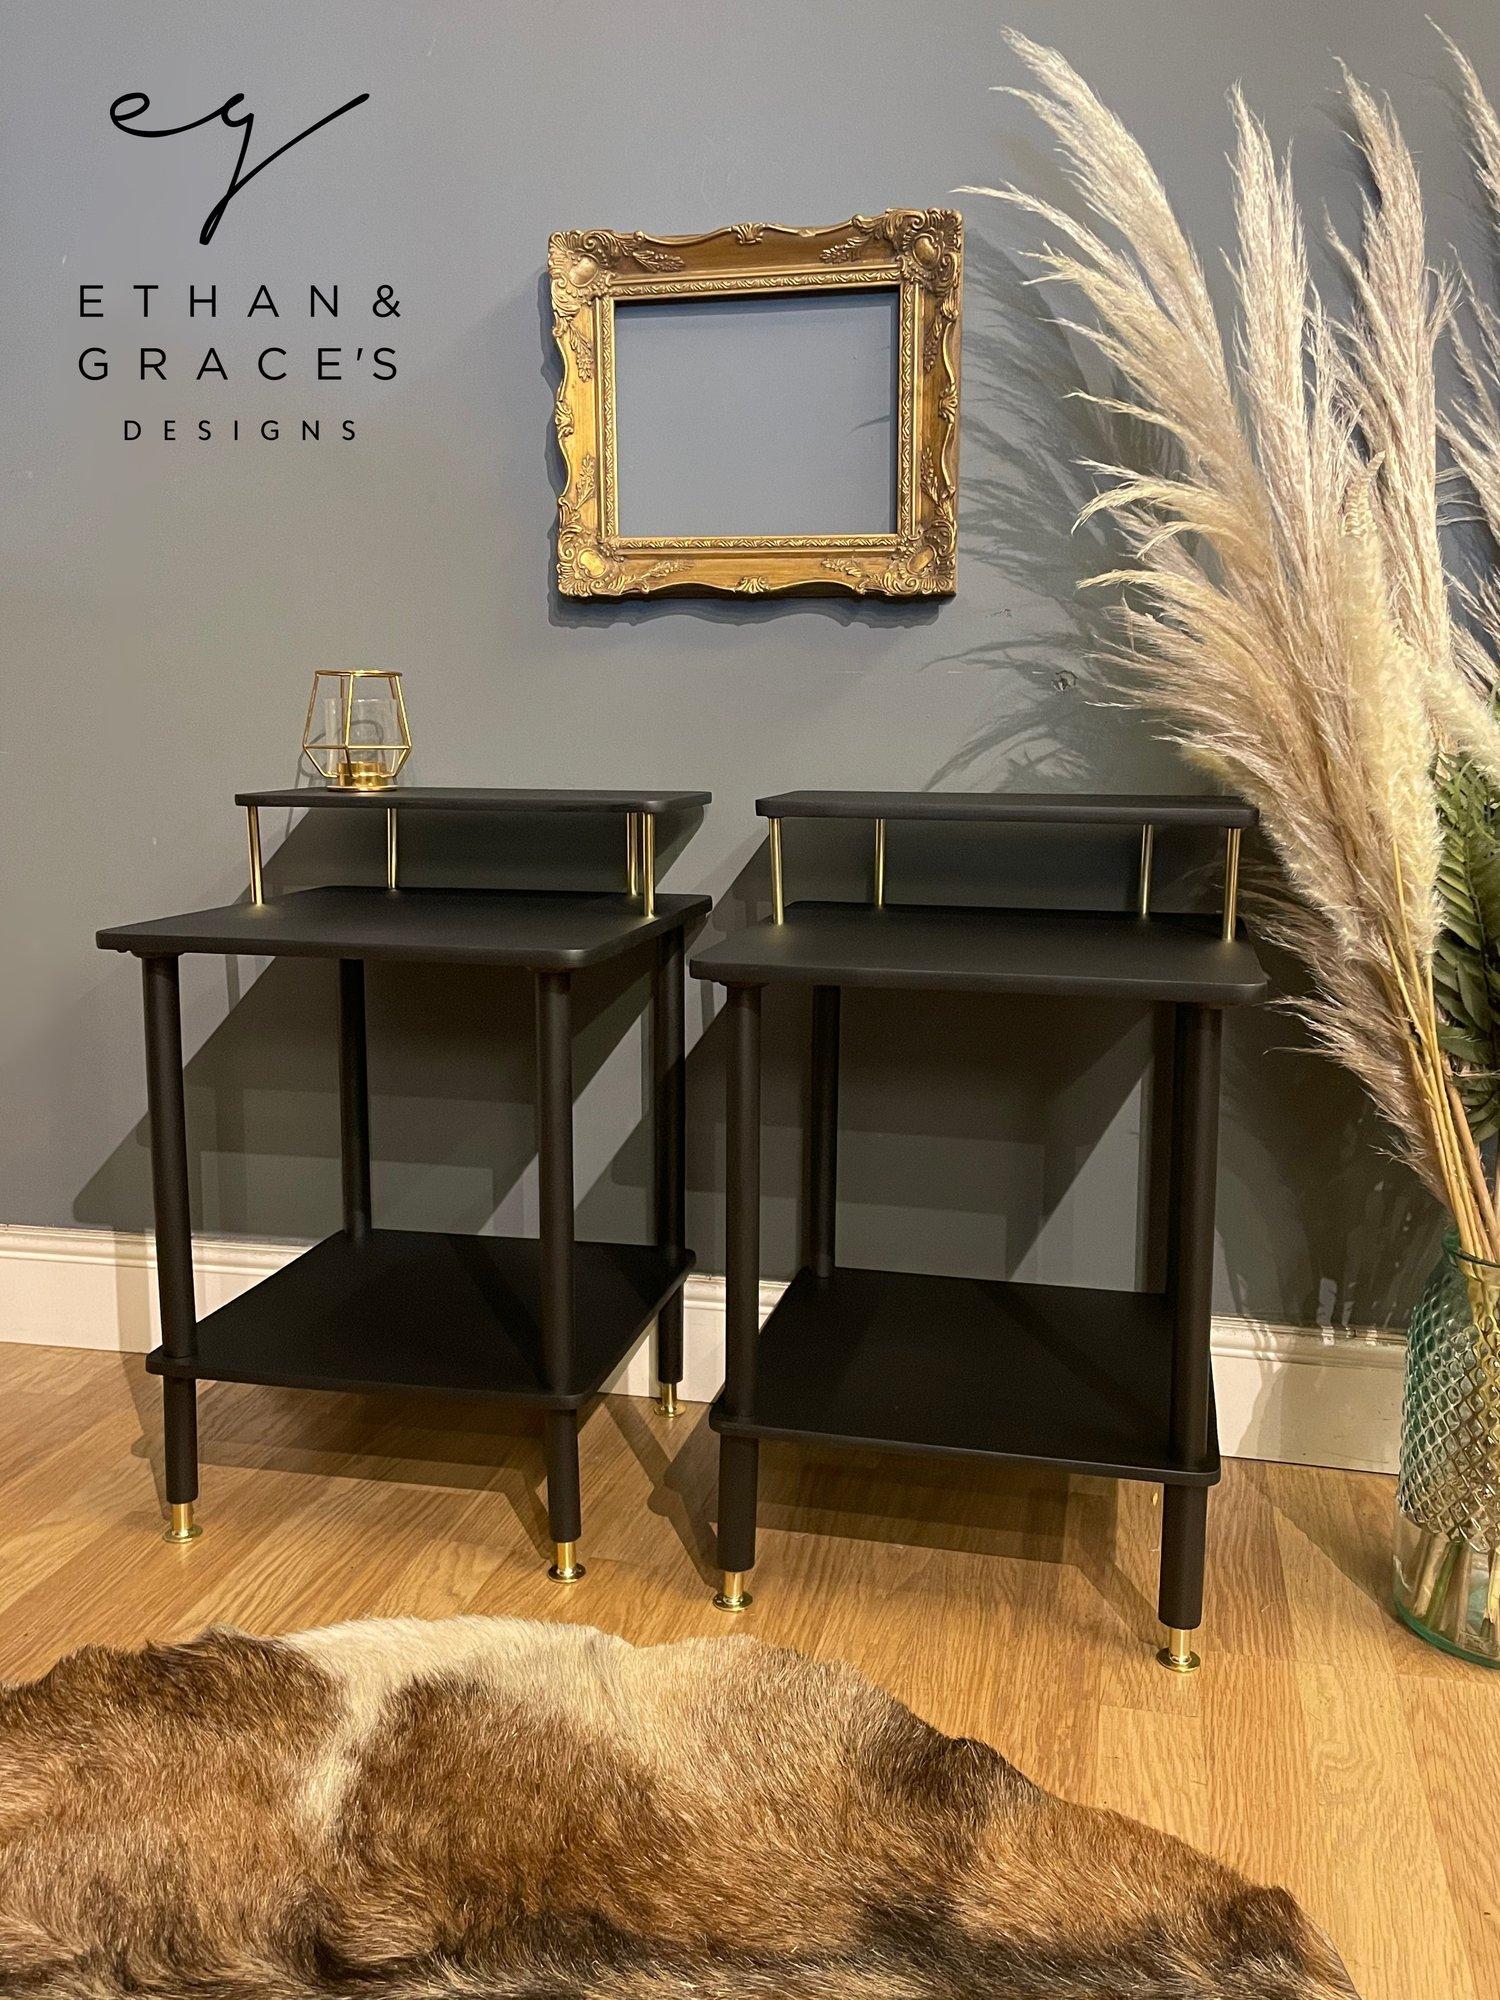 Image of Black & Gold bedside tables